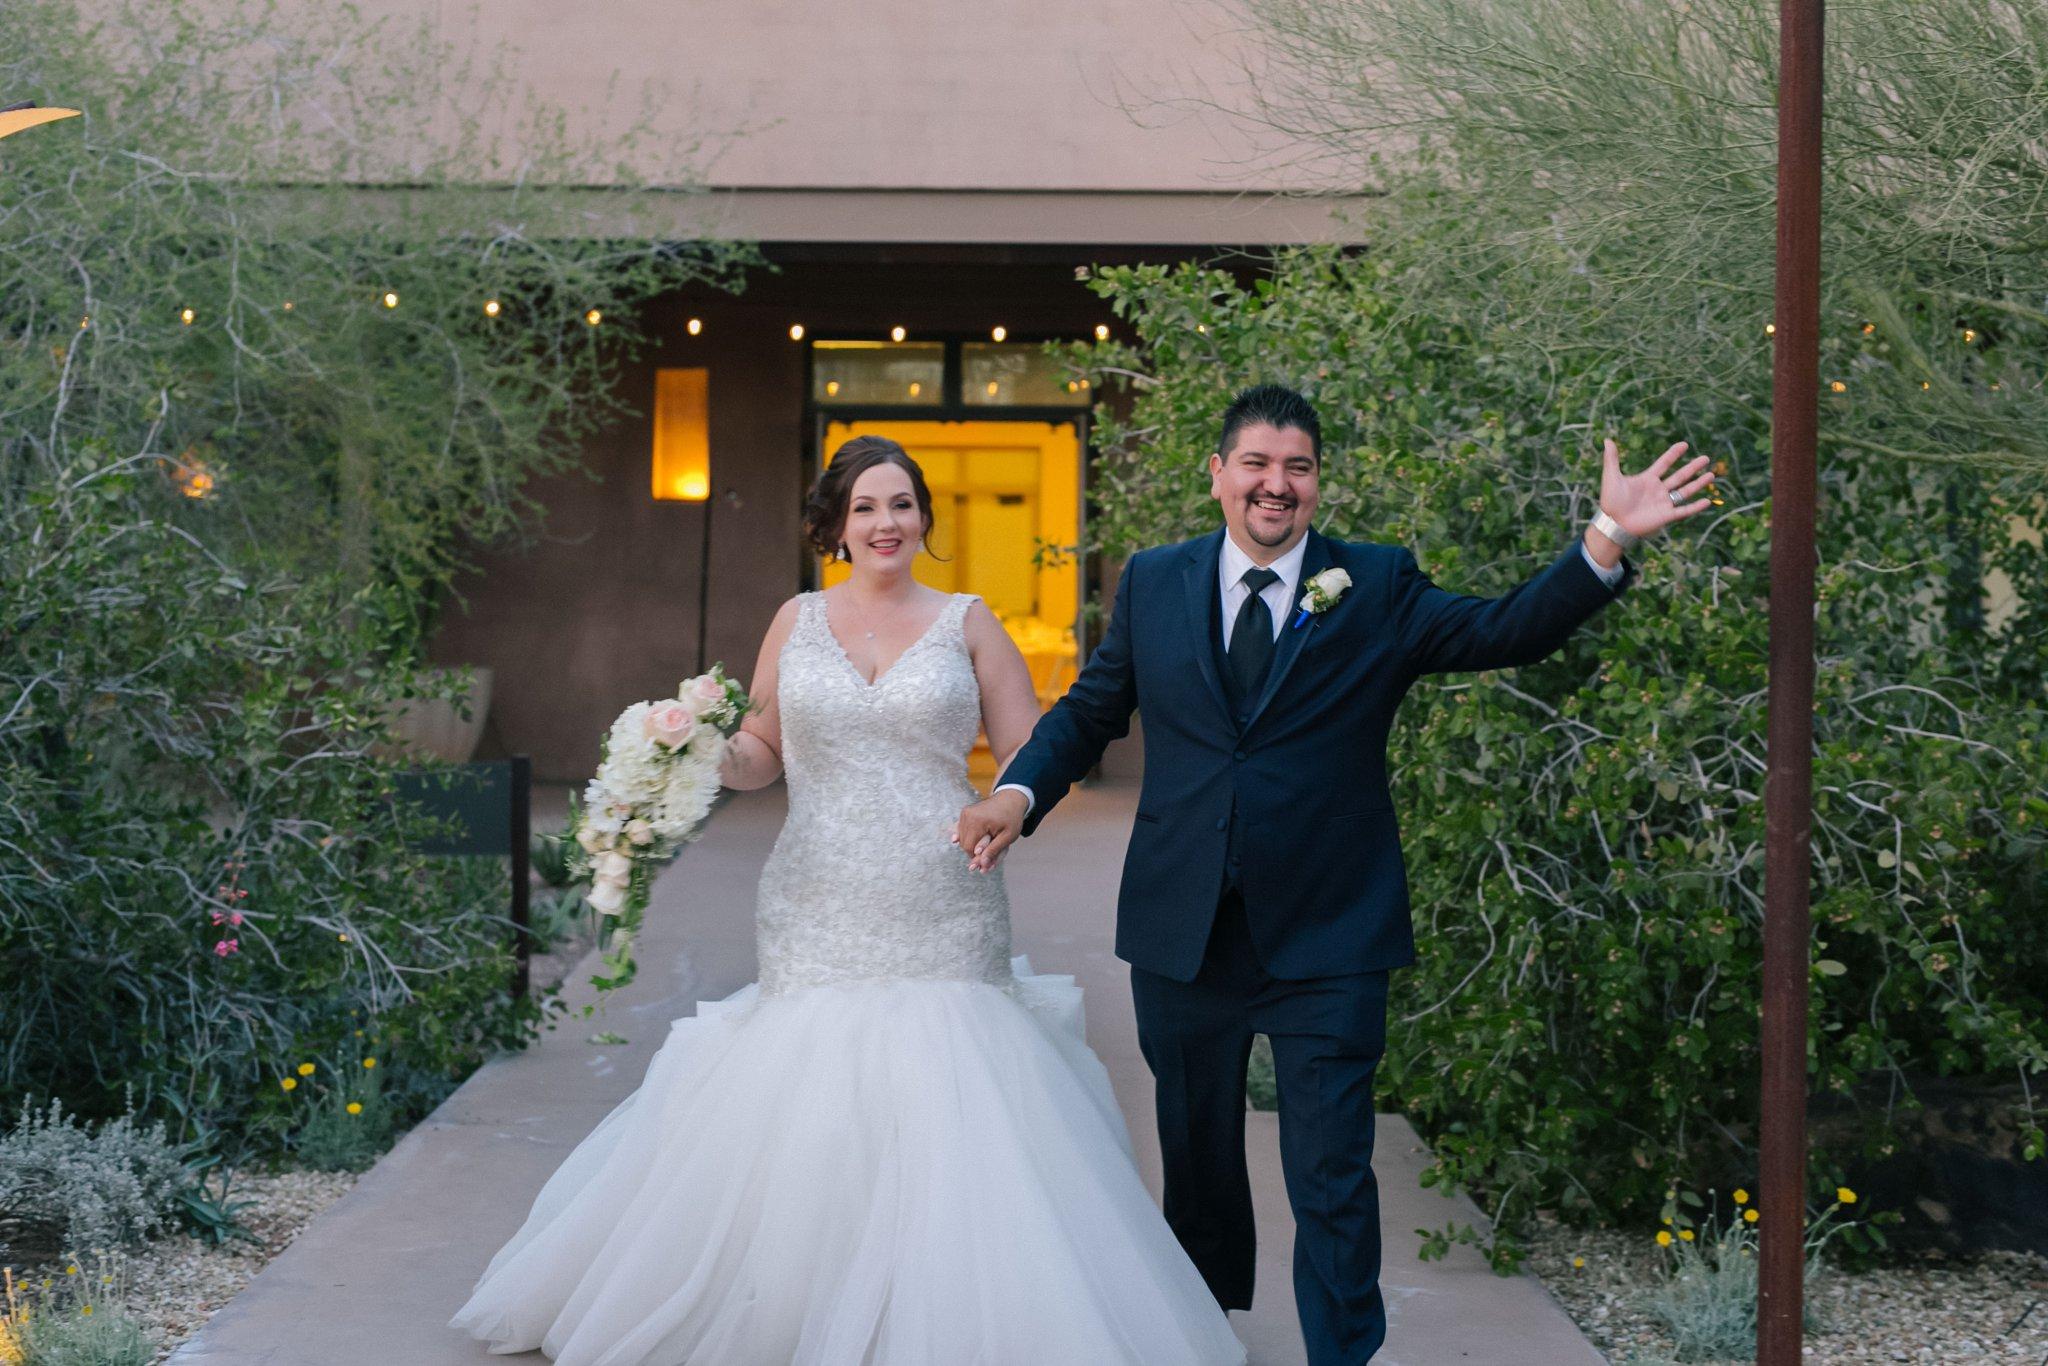 Desert Botanical Garden outdoor reception grand entrance bride & groom